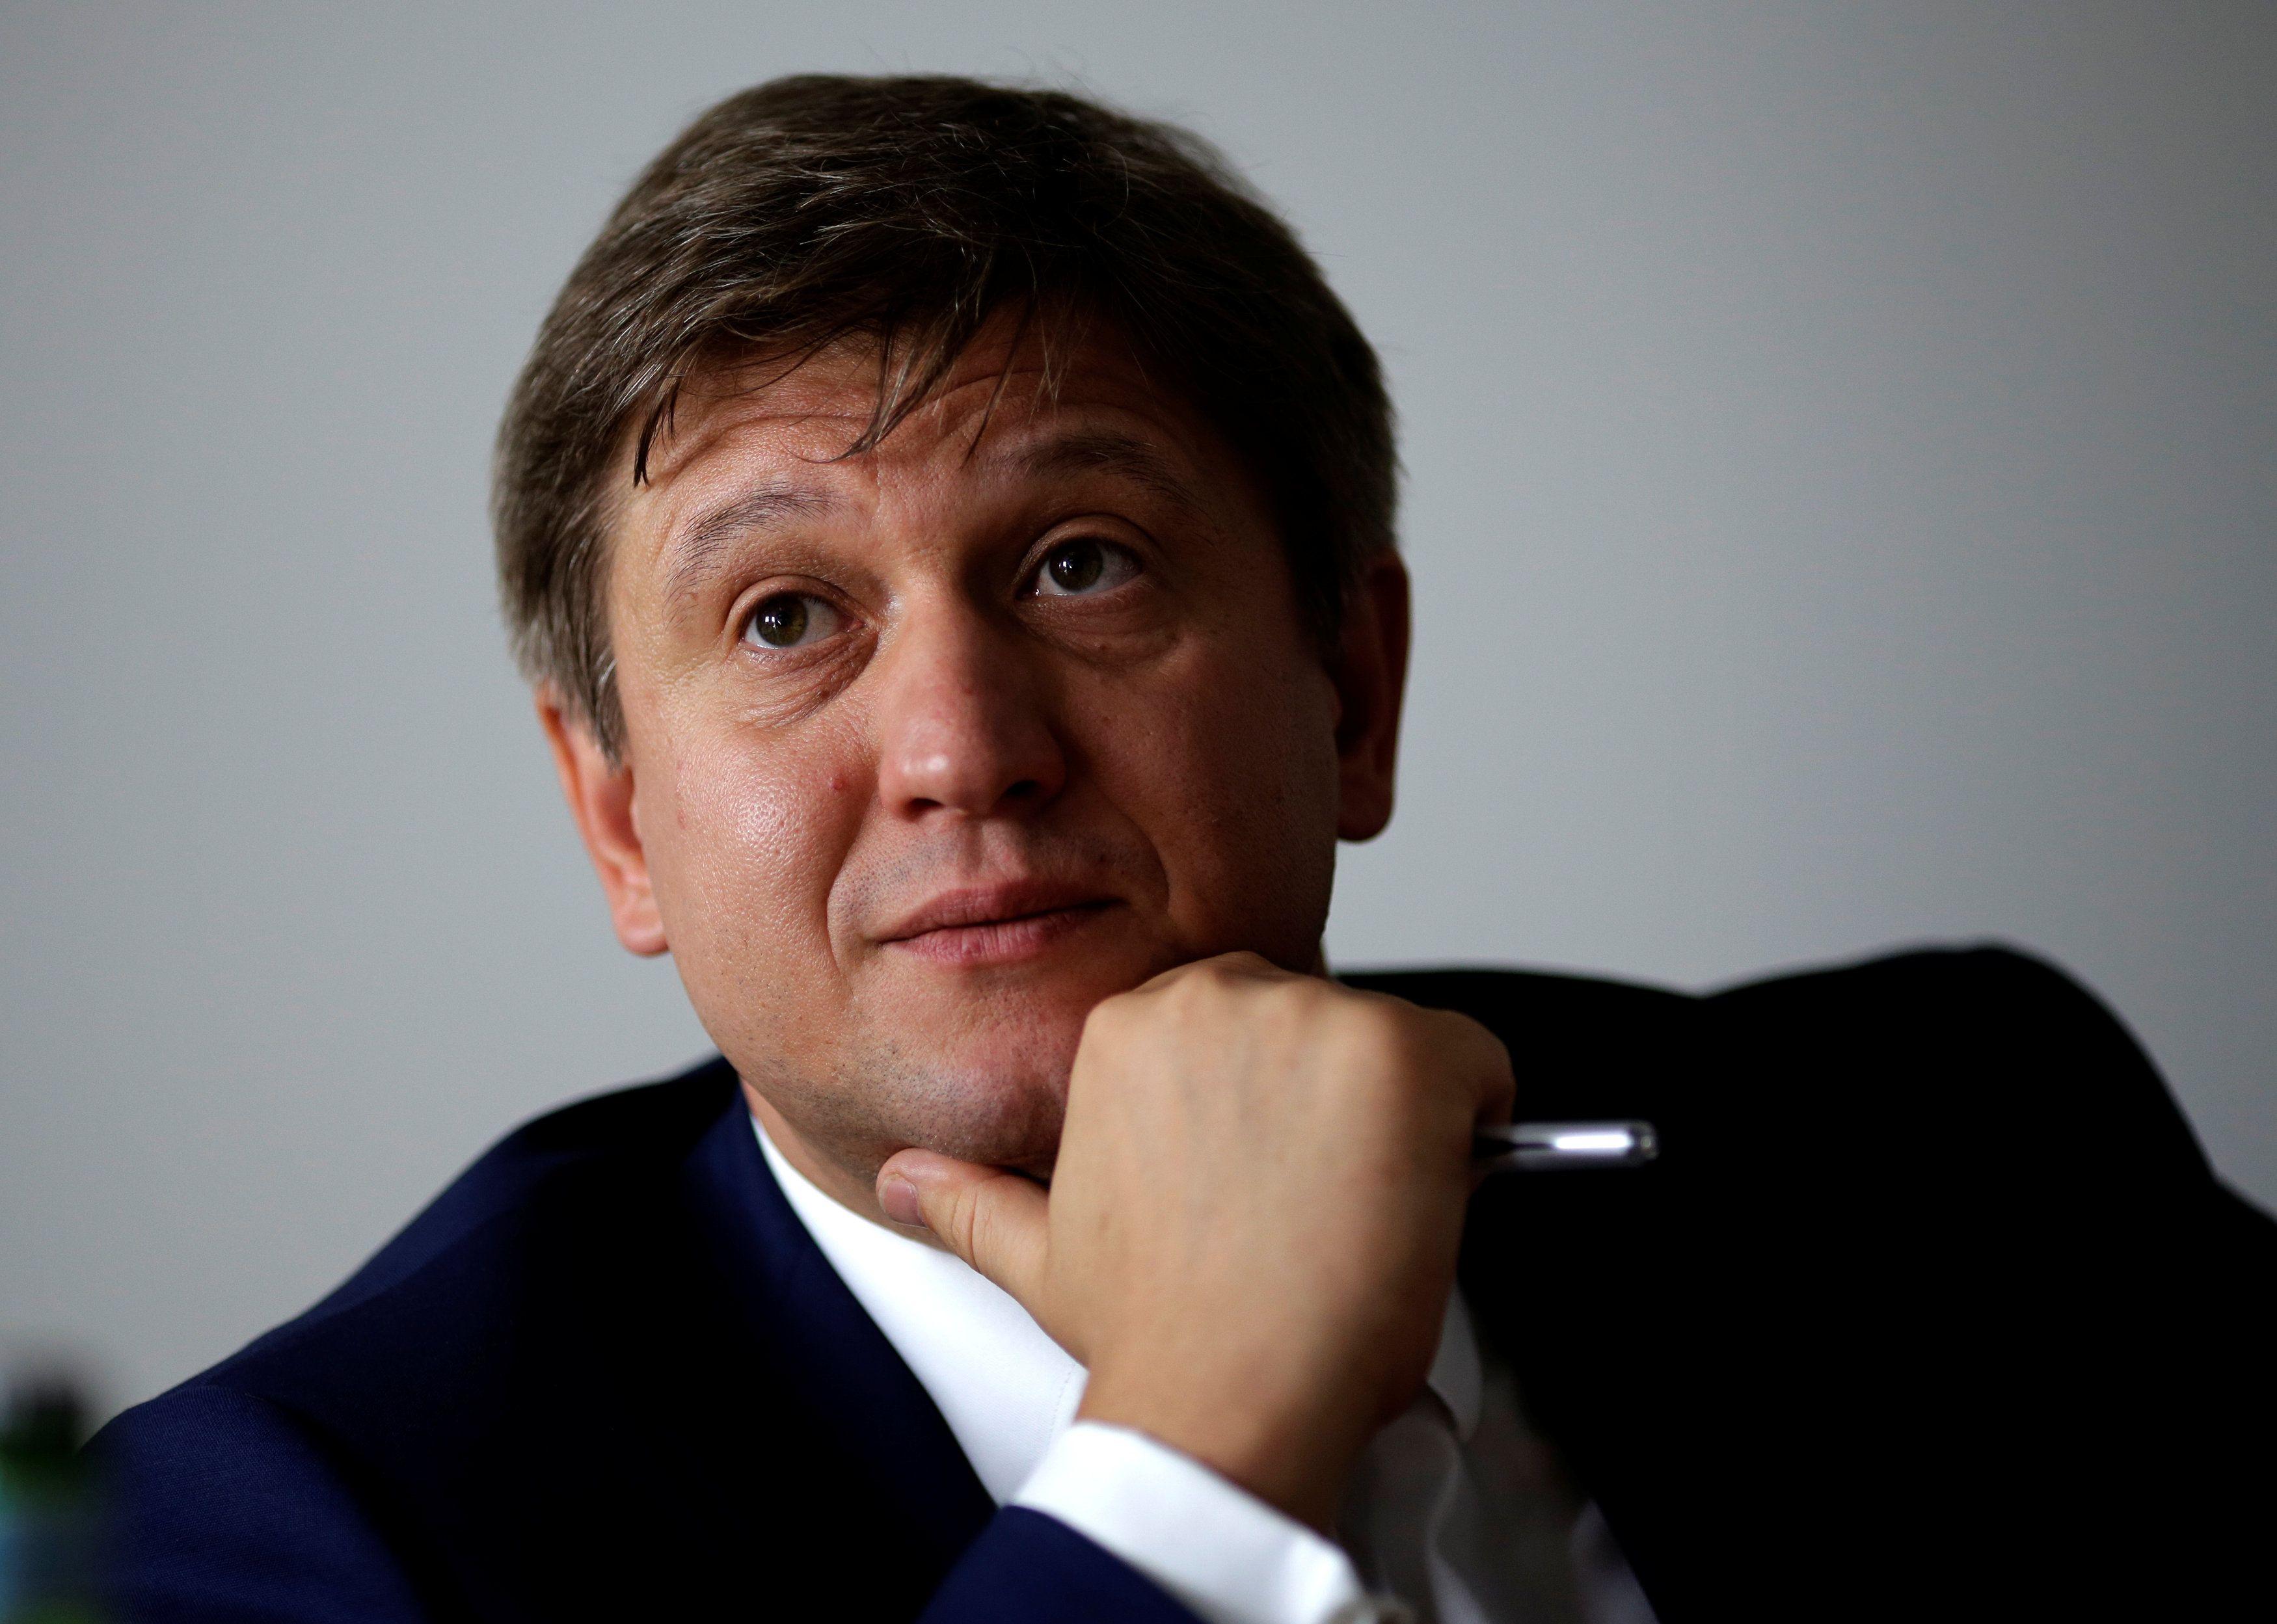 Александр Данилюк — Украина будет делать все шаги к диалогу с Россией в нормандском формате, сообщил Александр Данилюк